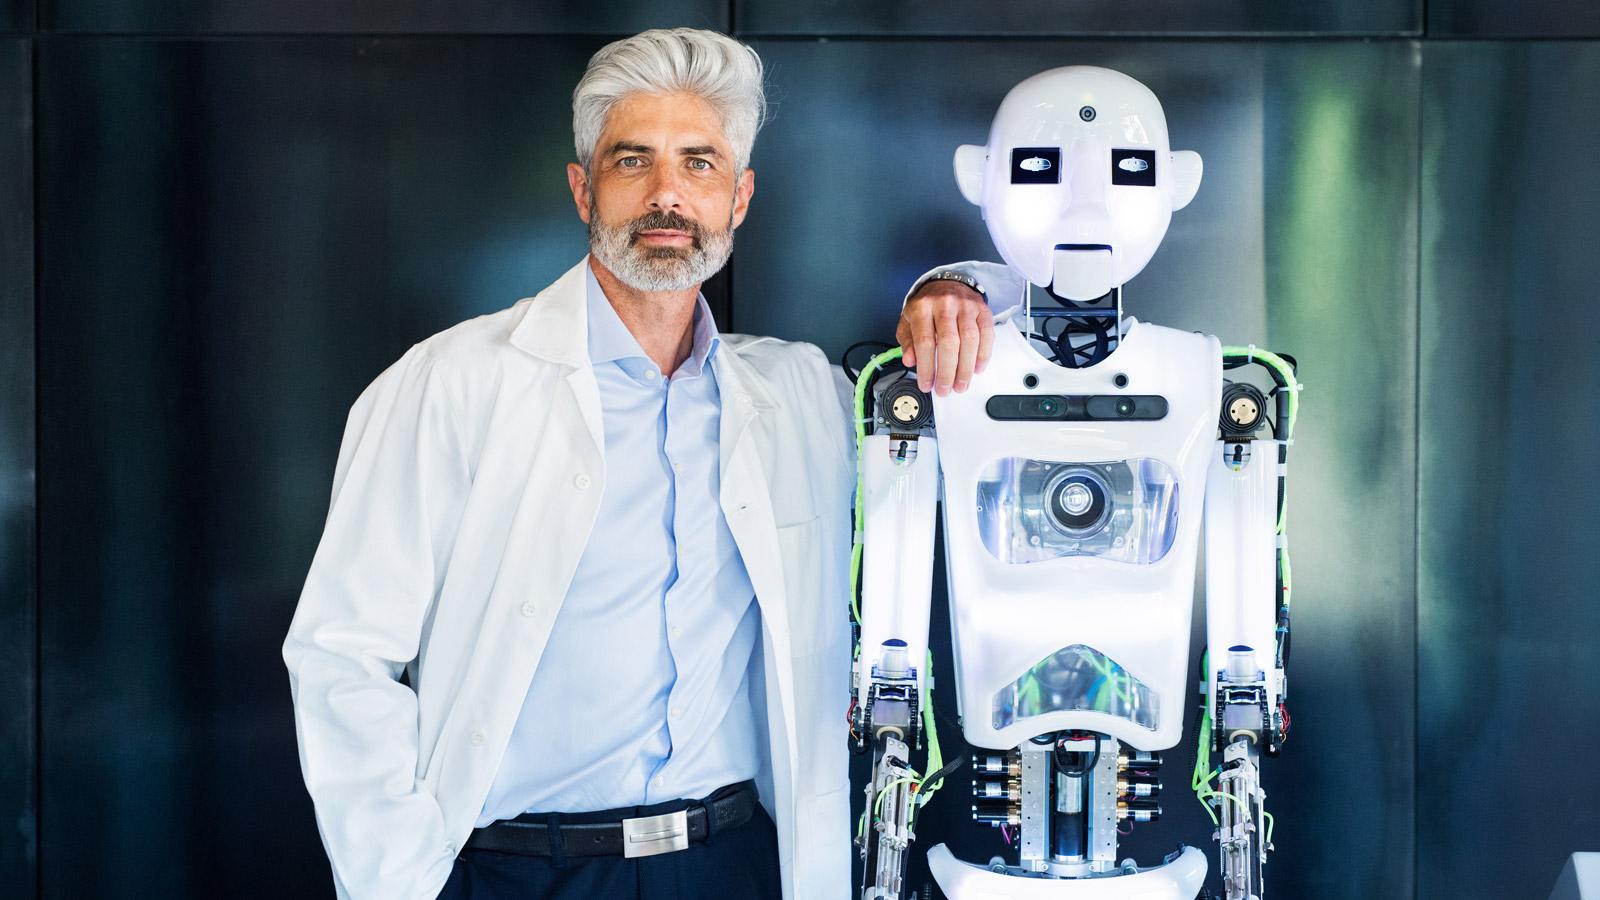 Roboty sprawdzające influencerów influencer marketing mediarun robot naukowiec 2019